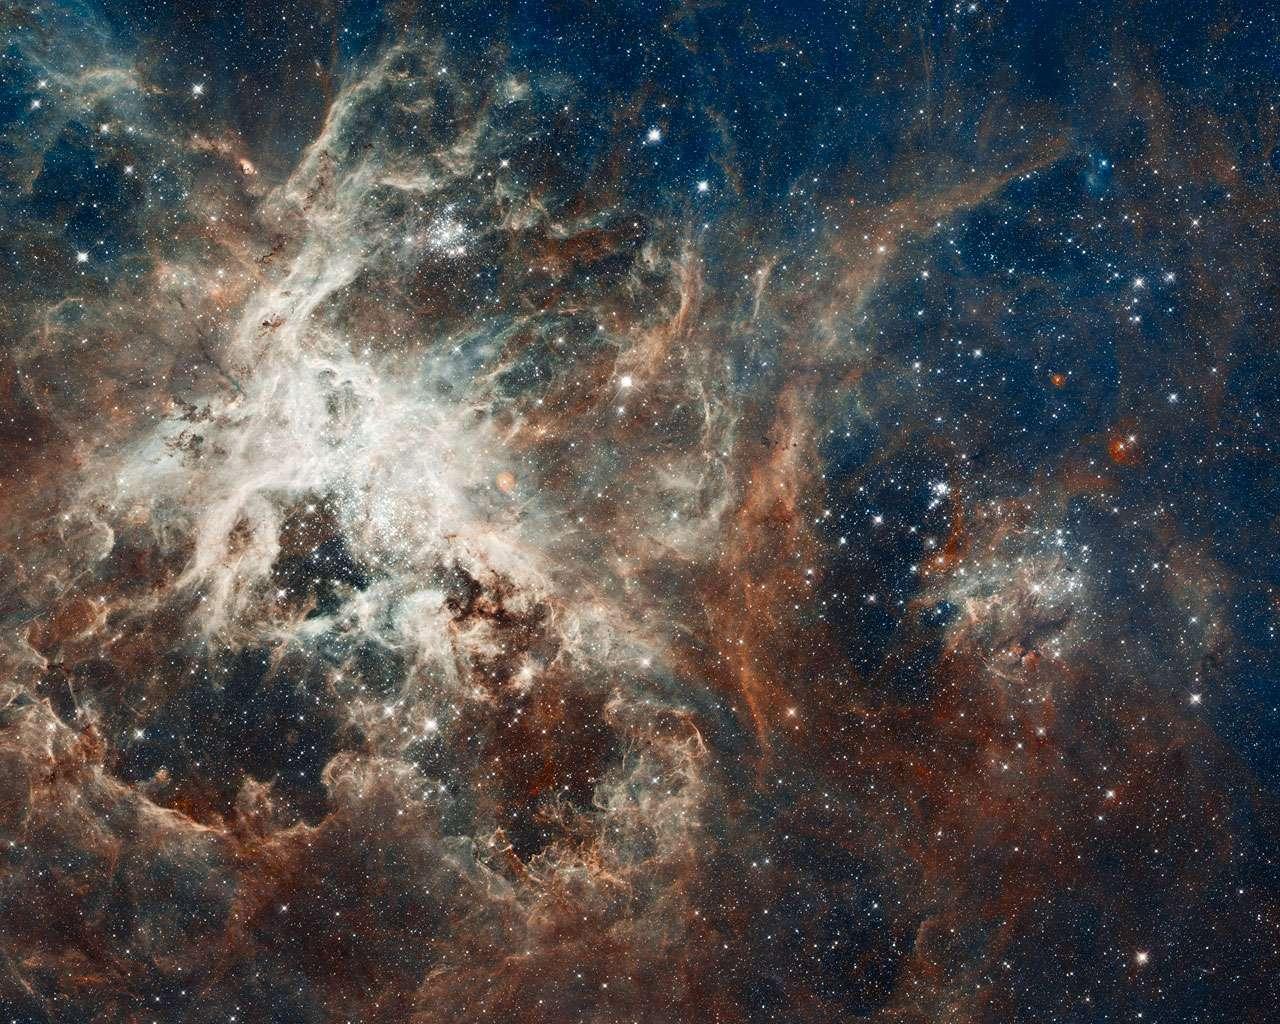 Cette image de la nébuleuse de la Tarentule est l'une des plus grandes mosaïques réalisées à partir des clichés pris par le télescope spatial Hubble, qui fête ses 22 ans. © Nasa/Esa/ESO